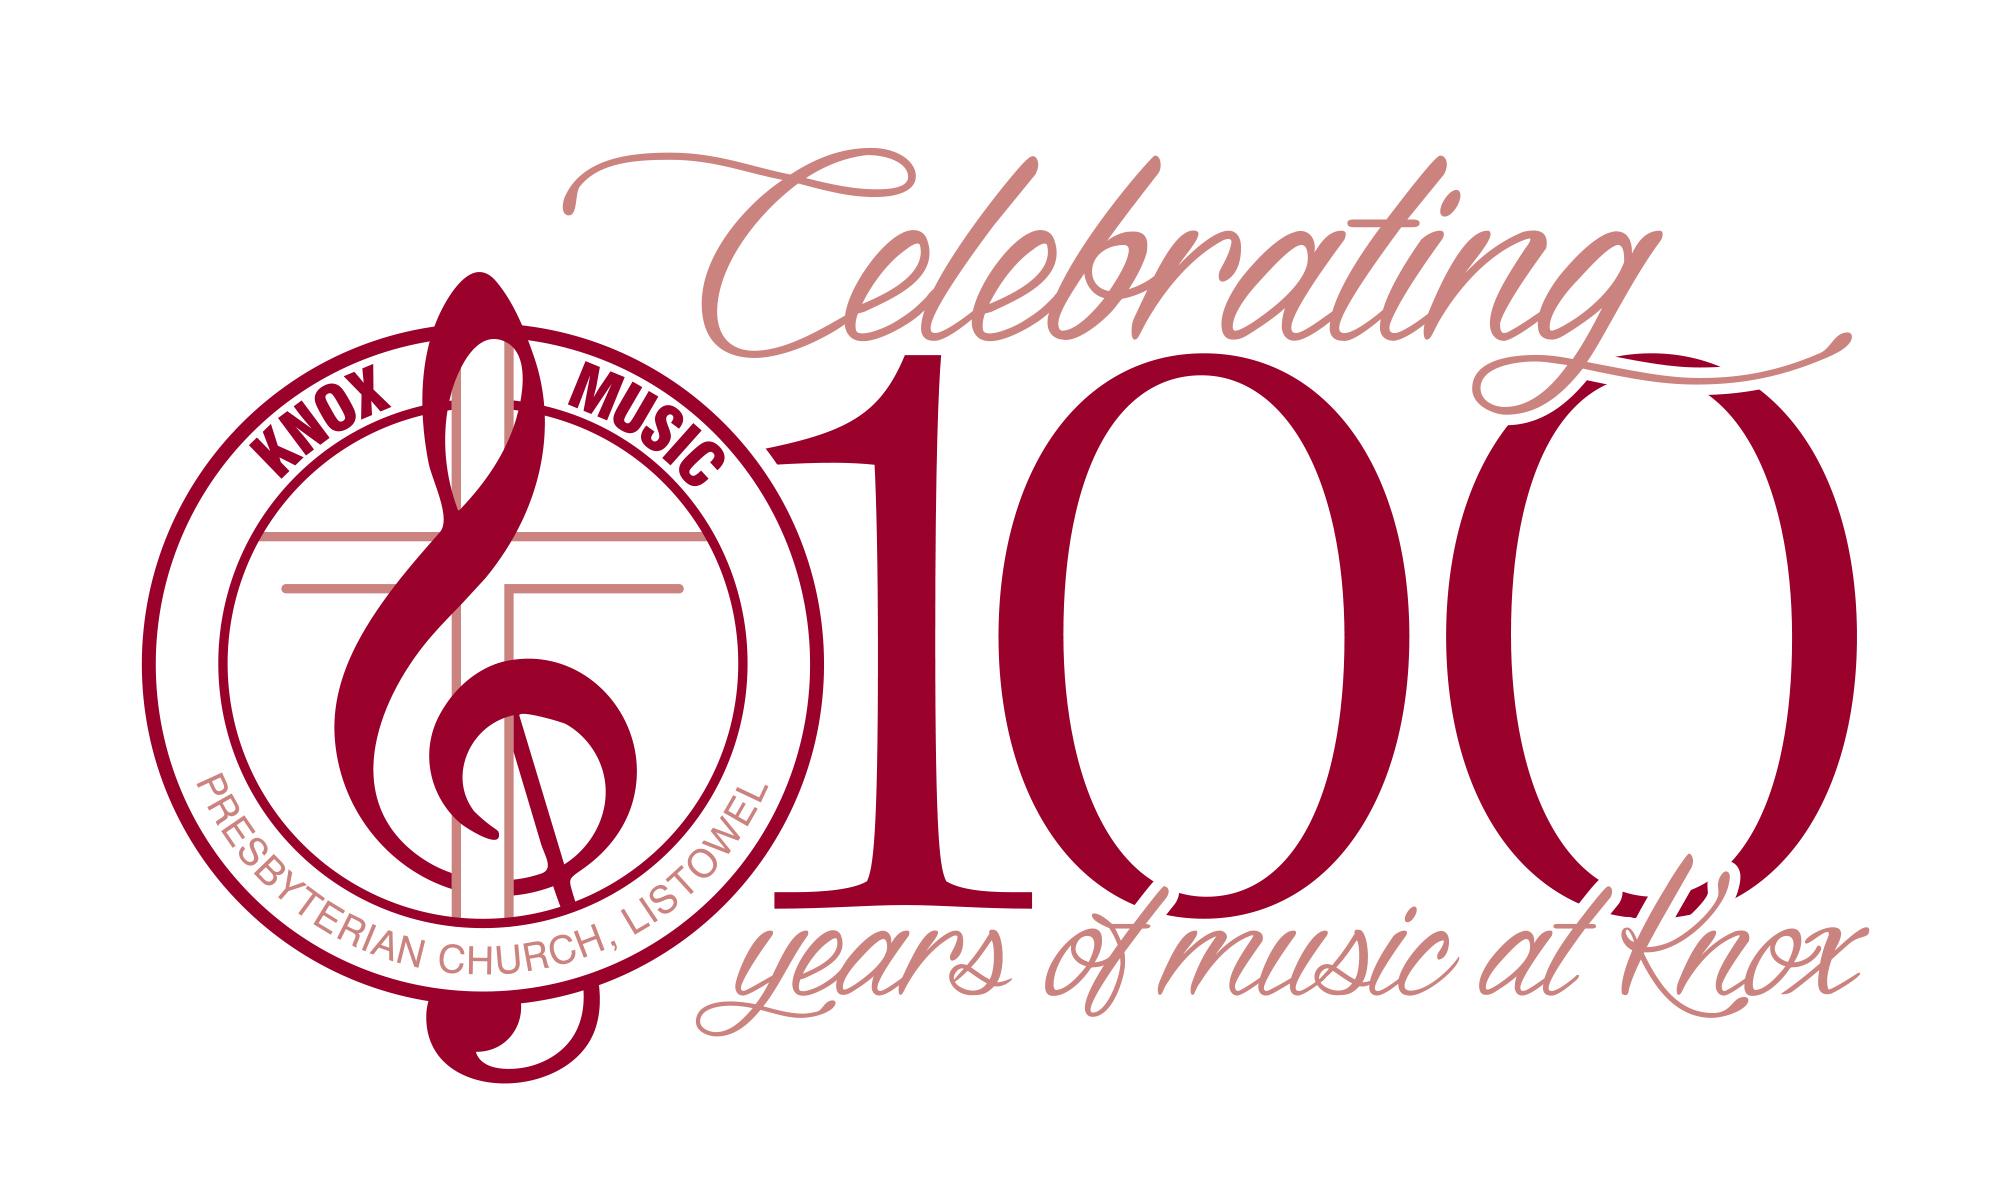 KnoxMusicLogo-100YEAR-Logo.jpg